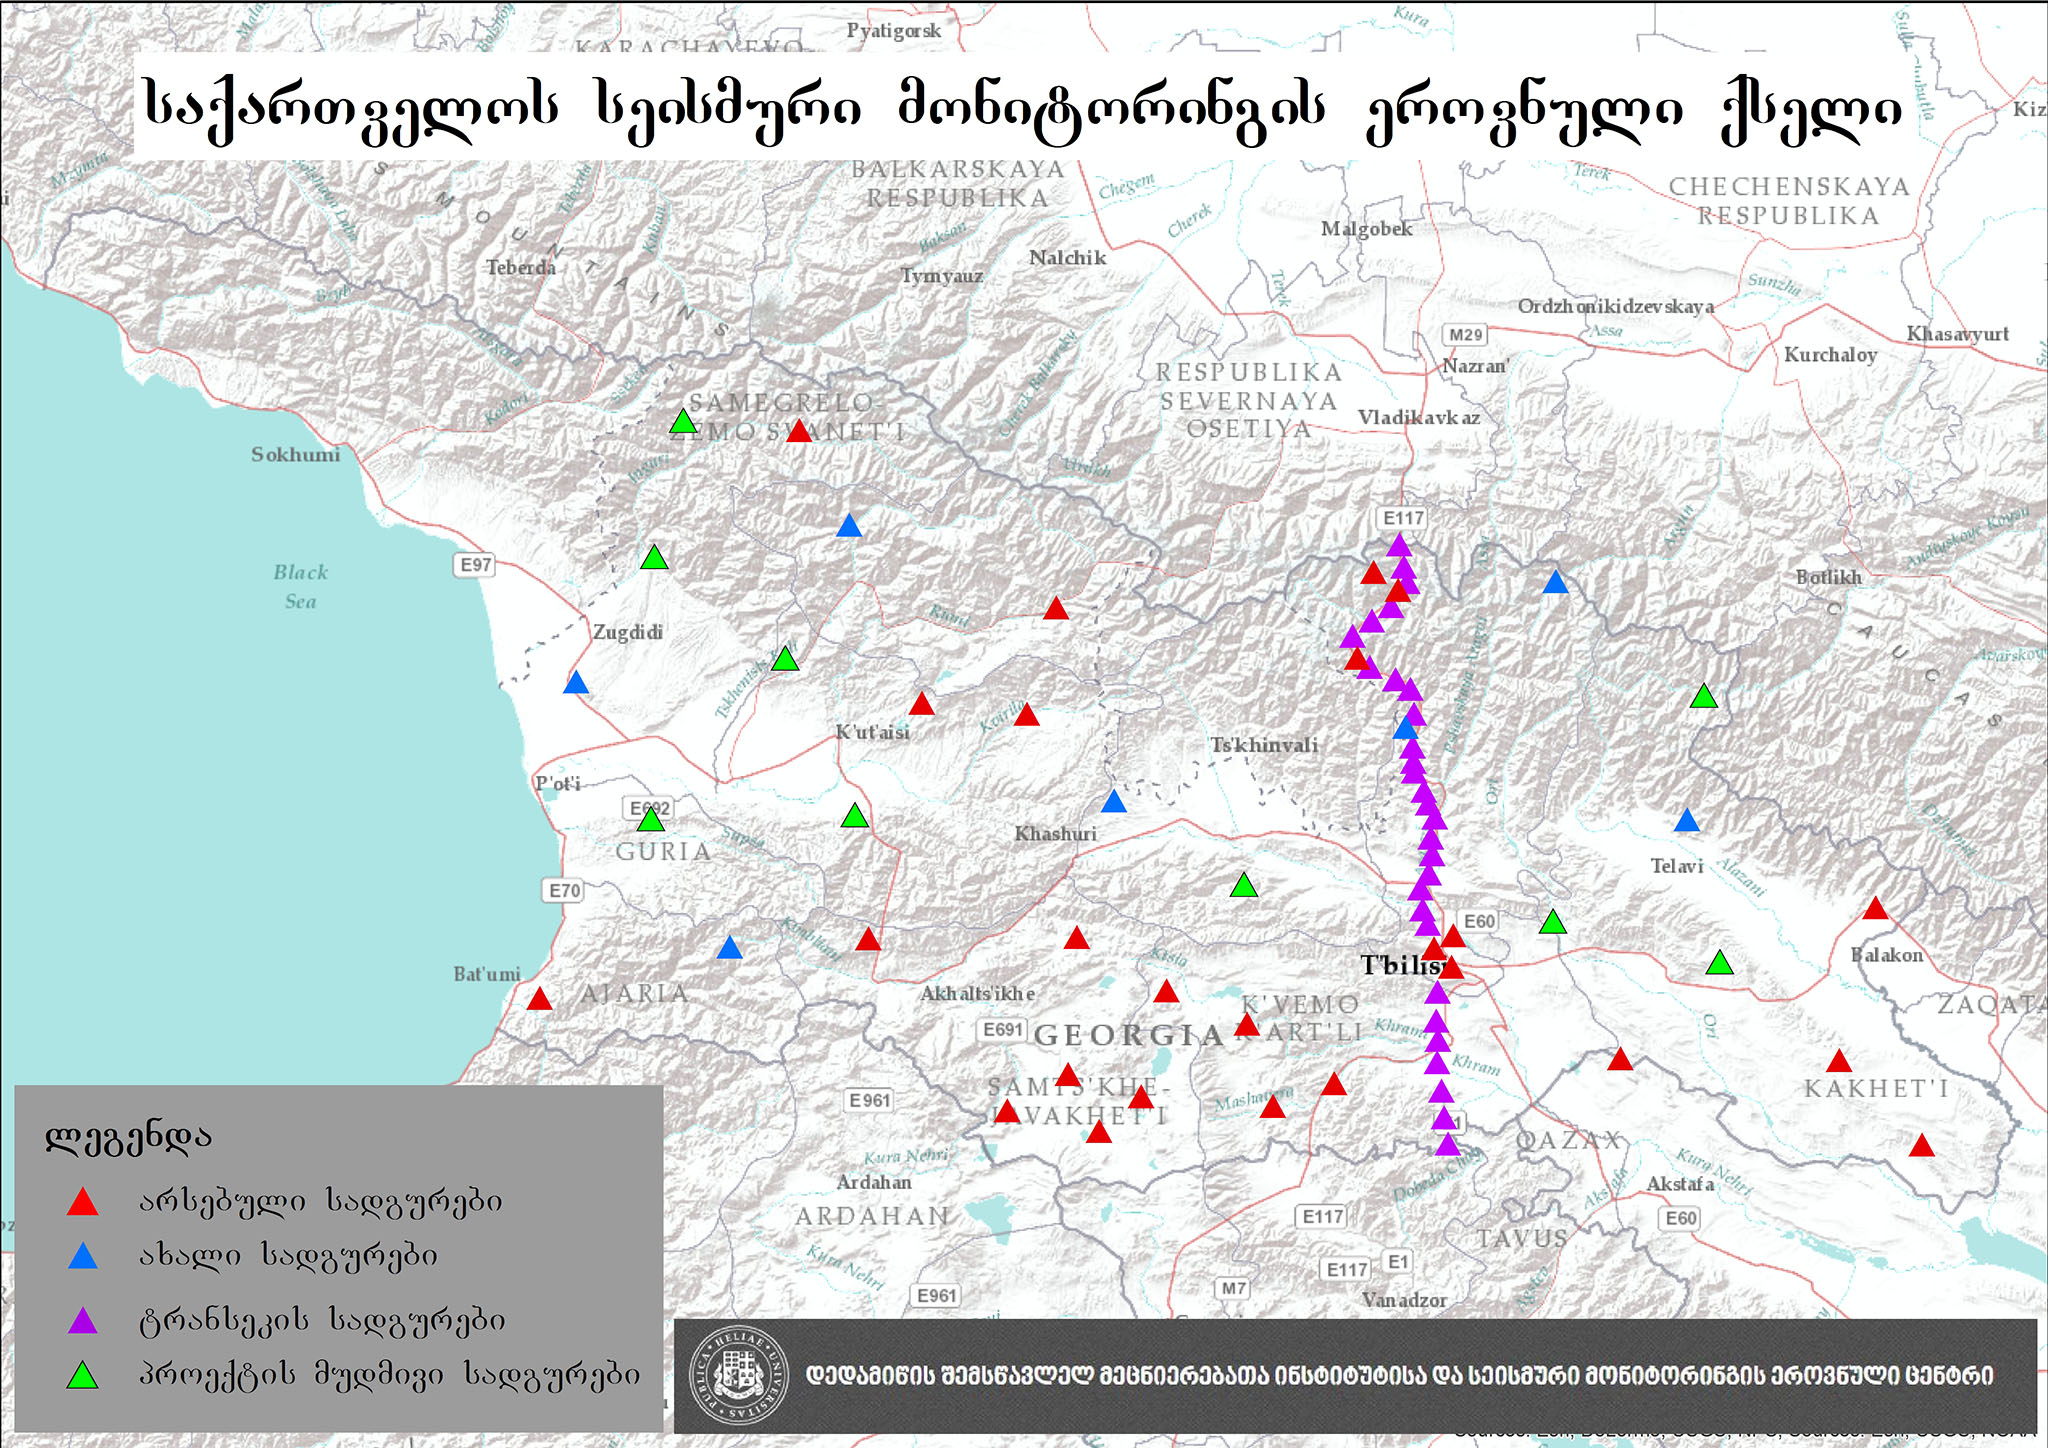 დიდი კავკასიონის დანაოჭებისა და აგებულების კვლევა სეისმური მეთოდებით